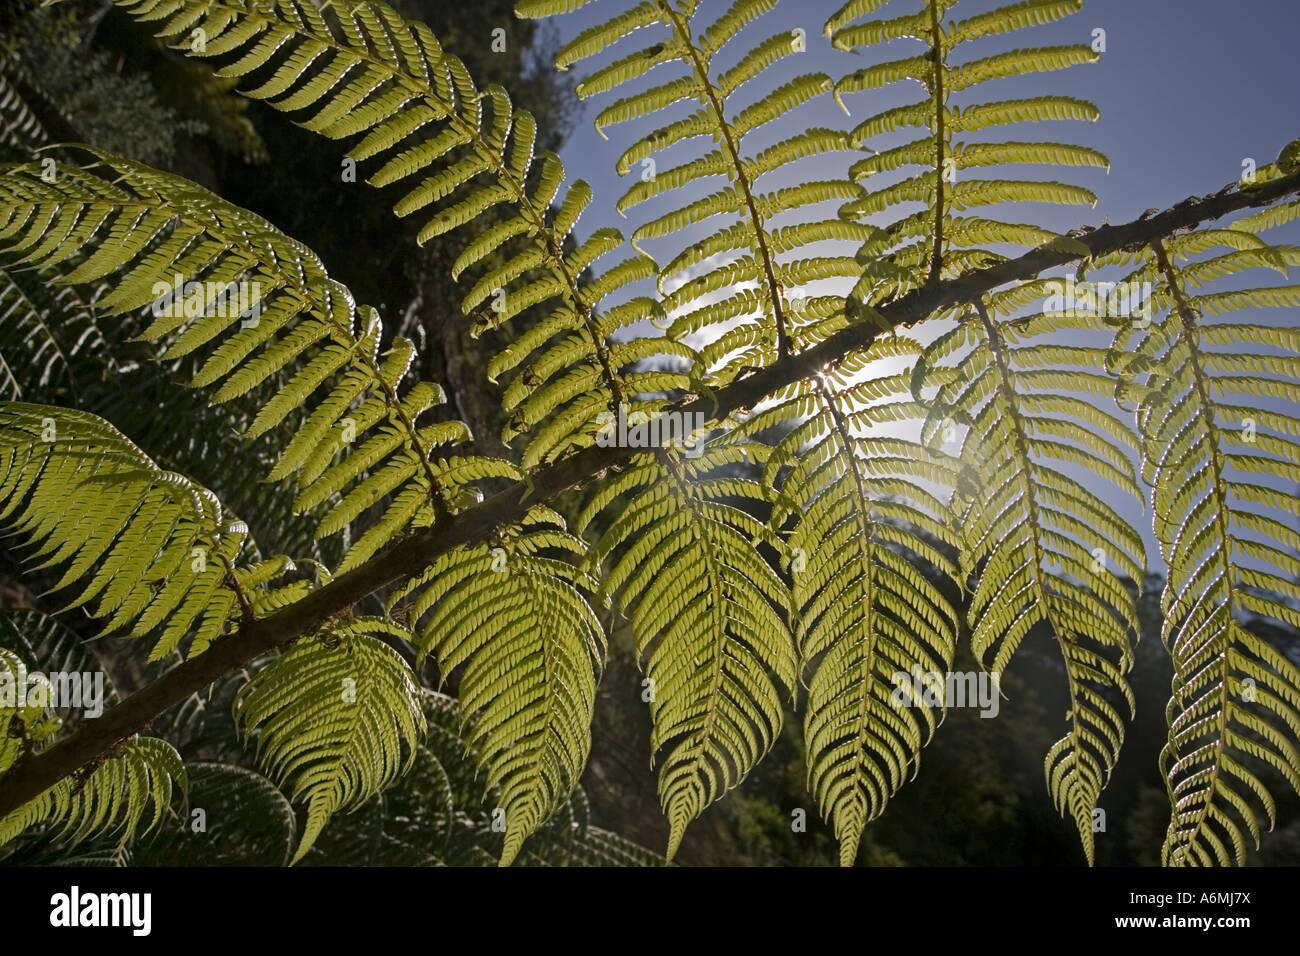 Frondes rétroéclairé de fougères arborescentes Karangahake Gorge près de Paeroa Nouvelle Photo Stock